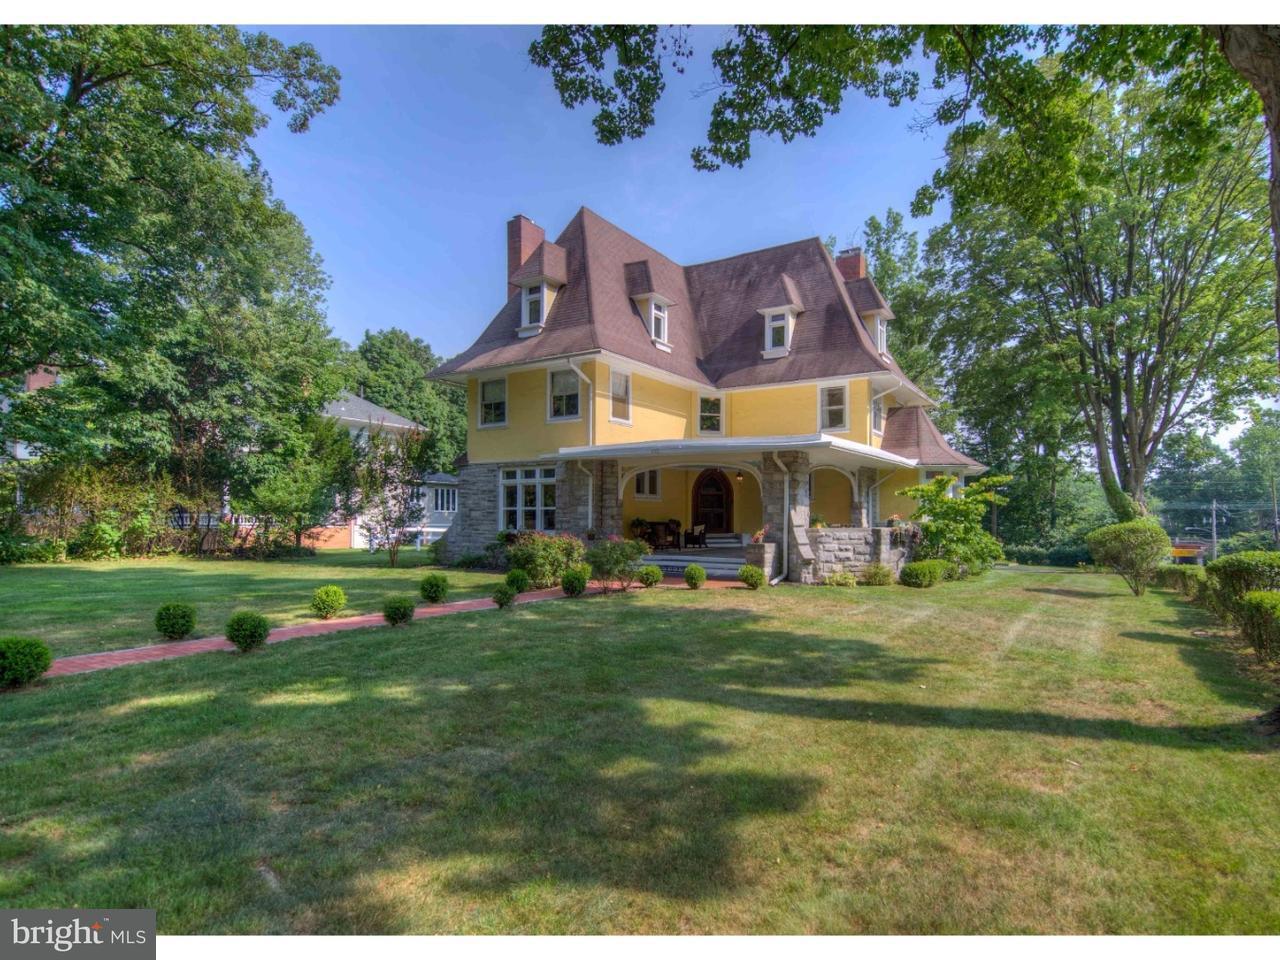 Частный односемейный дом для того Продажа на 502 SAINT DAVIDS Avenue St. Davids, Пенсильвания 19087 Соединенные Штаты